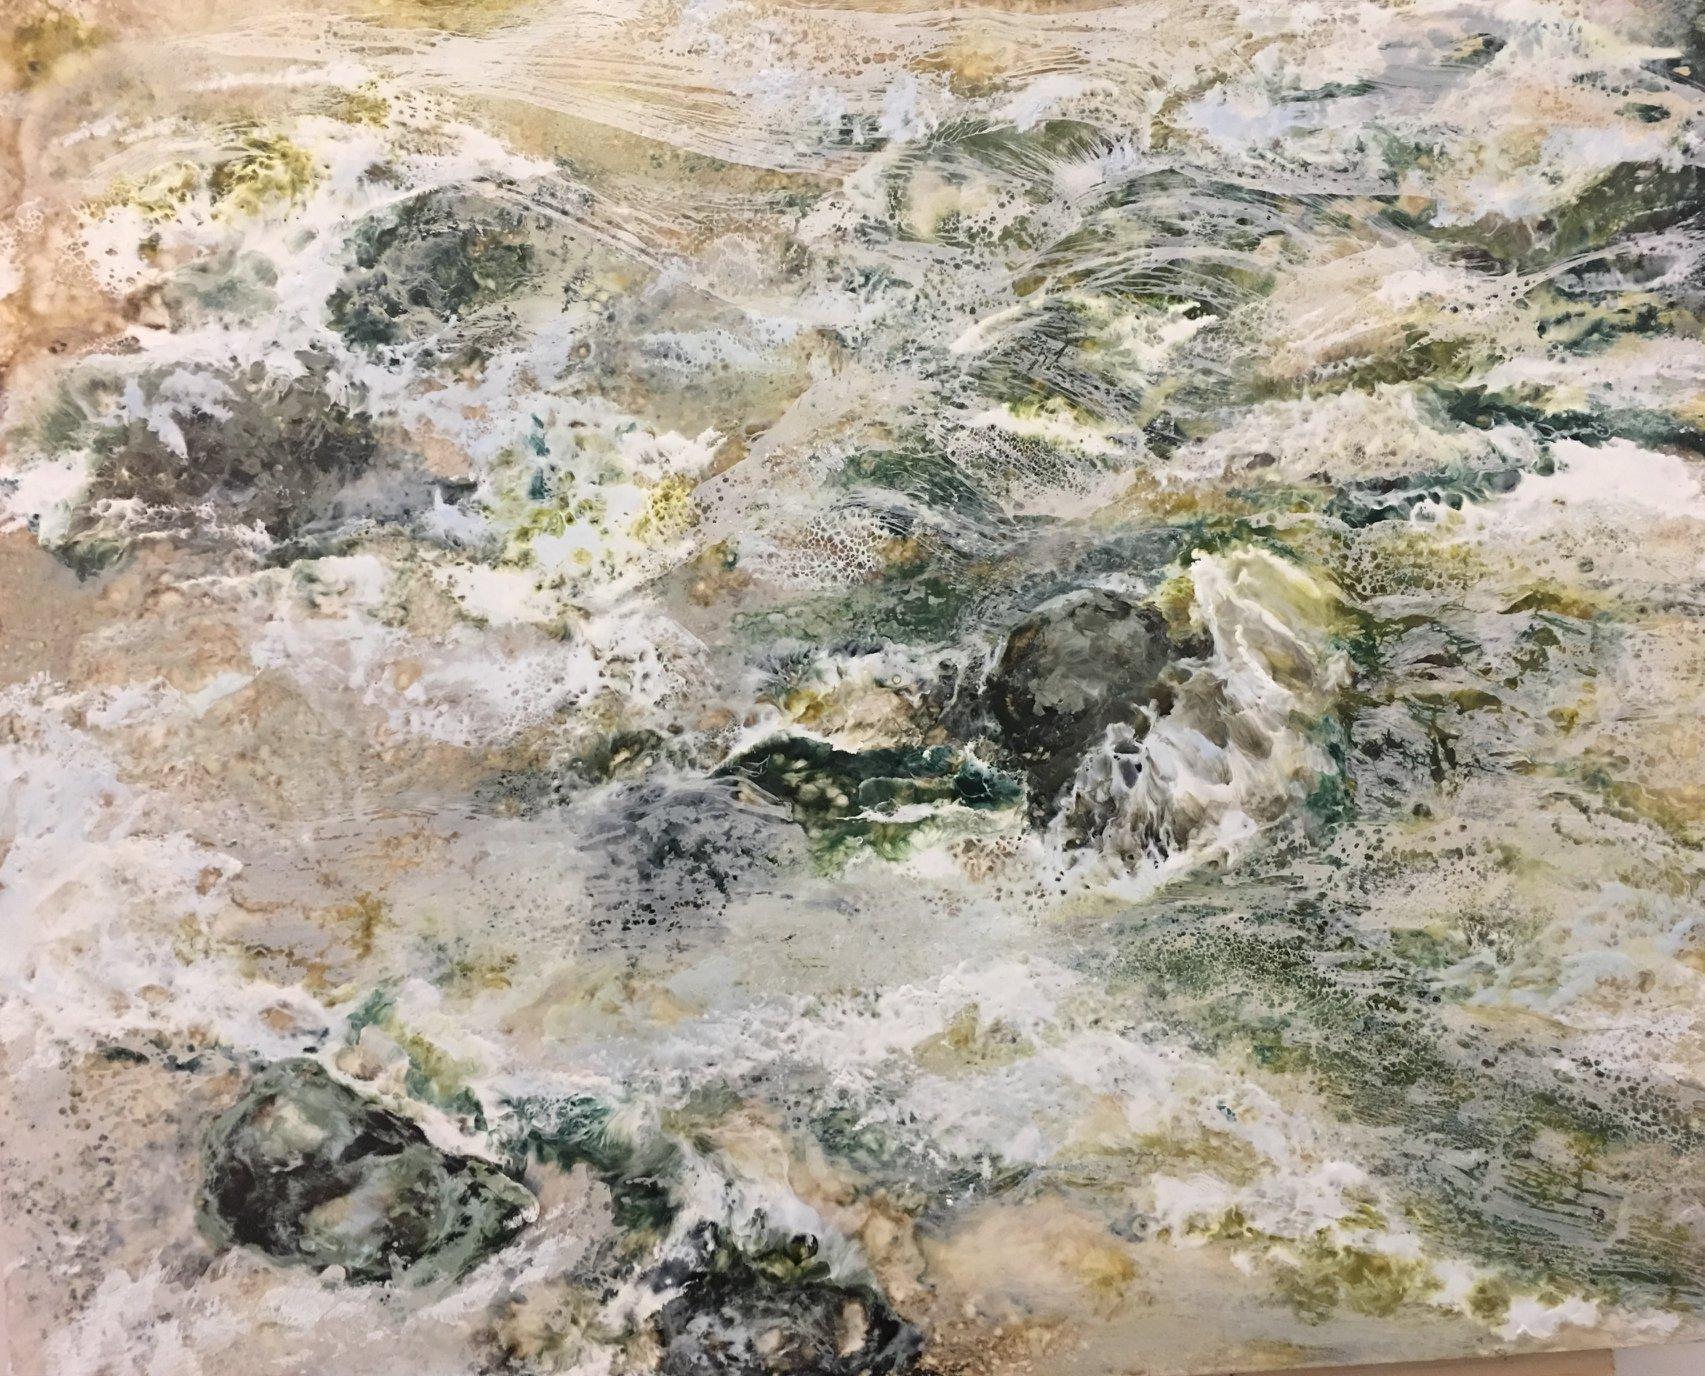 Anne Stine, Spring Thaw